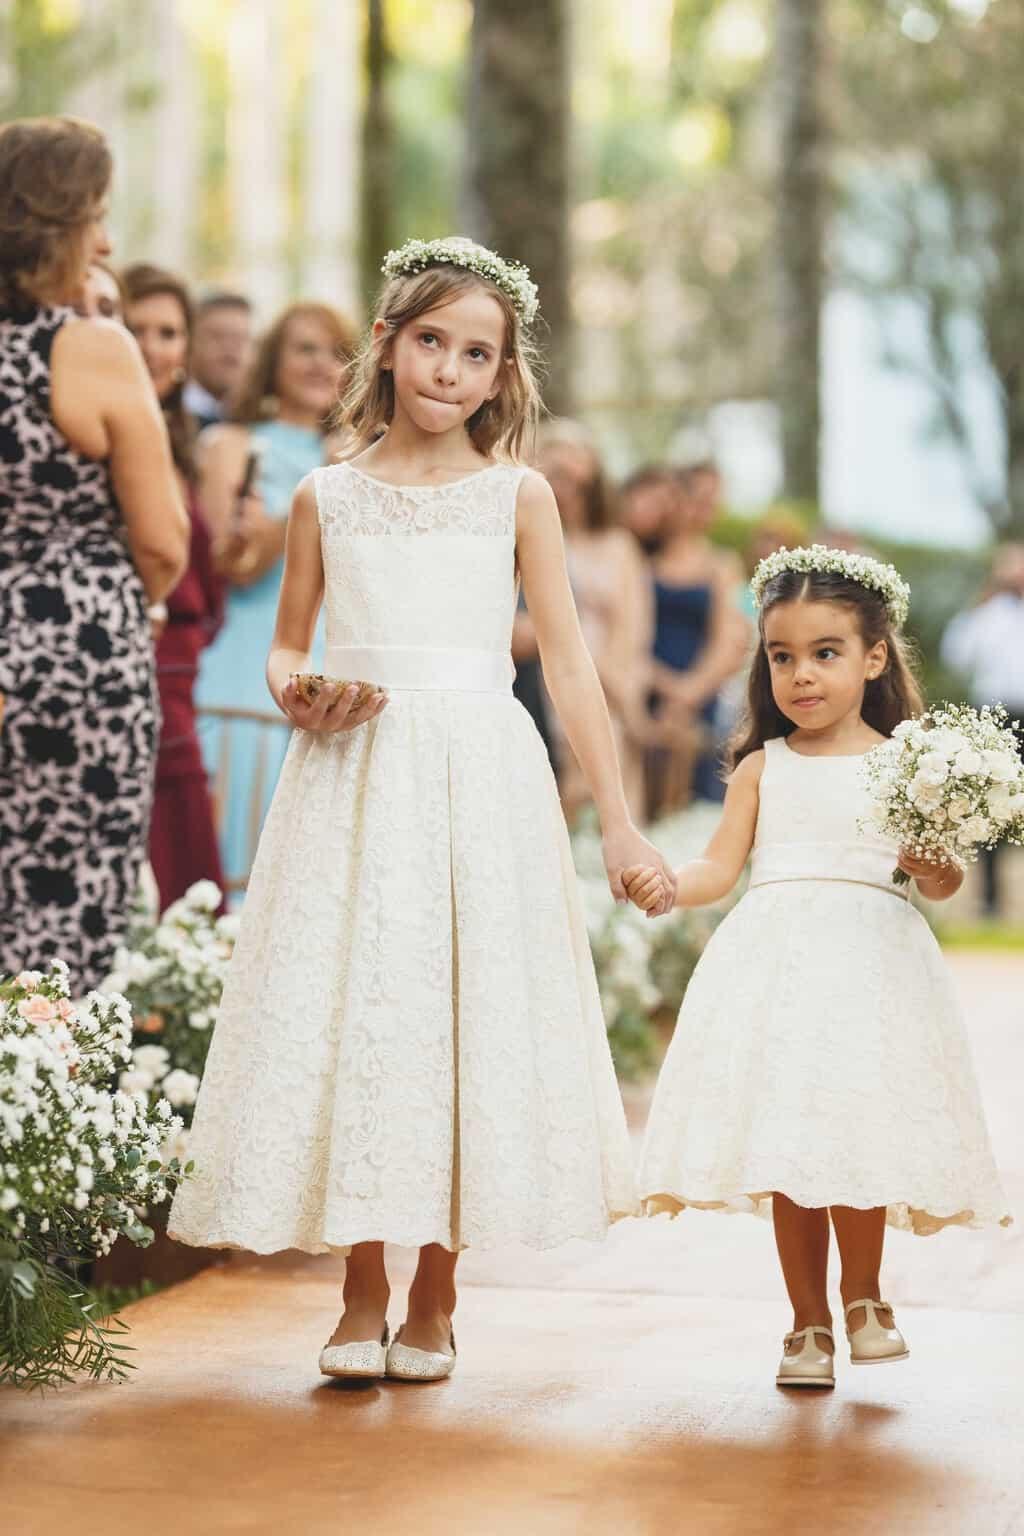 casamento-na-Fazenda-Vila-Rica-cerimonia-ao-ar-livre-cerimonial-Ana-Paula-Tabet-Fotografia-Euka-Weddings-Renata-e-Gabriel81